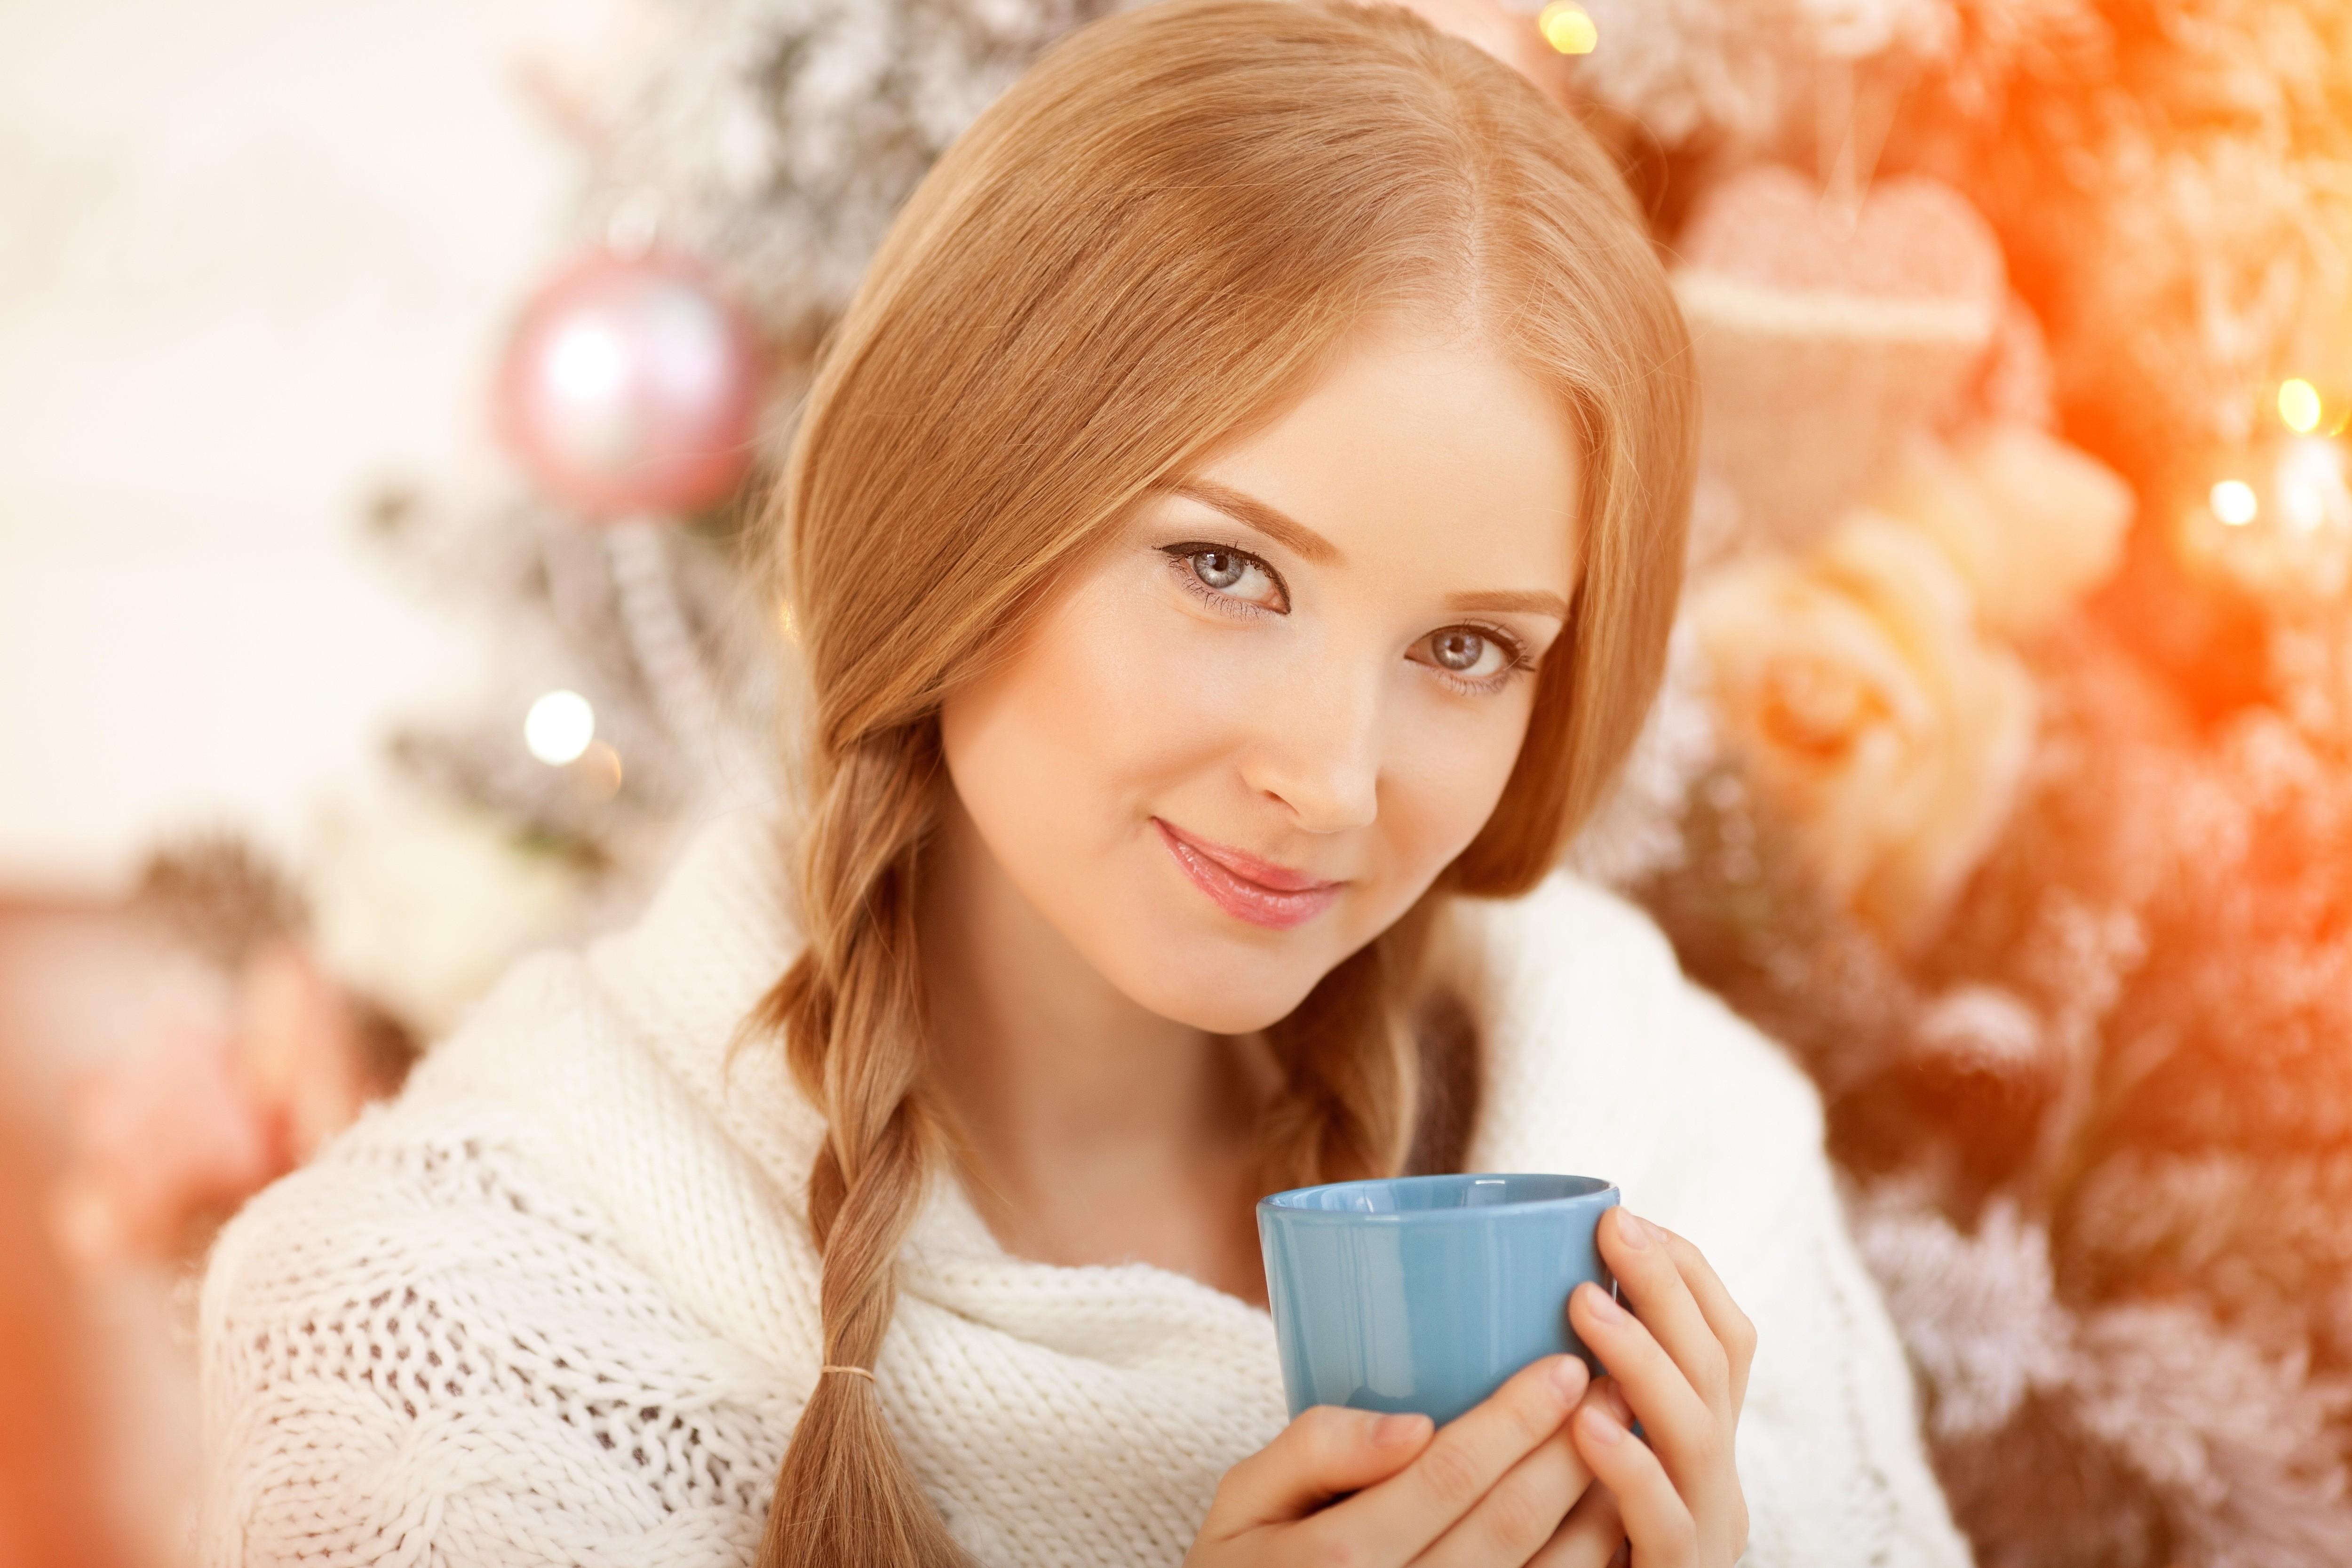 красотка,окно,сидит,кофе  № 418249 бесплатно